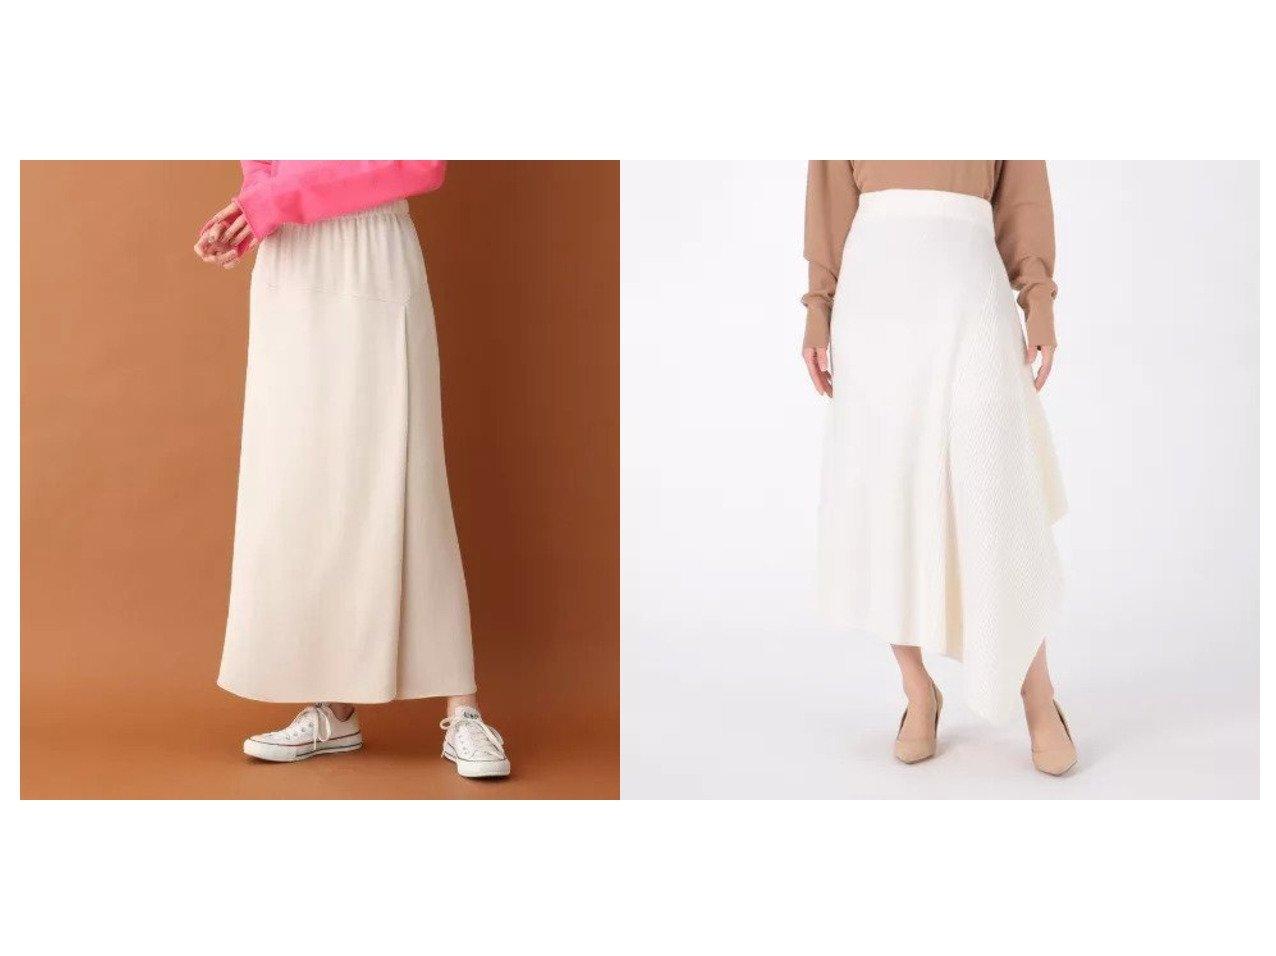 【CASSY PRIVE/キャシープリヴェ】のエクストラファインメリノウールリブスカート&【DRESSTERIOR/ドレステリア】のミカゲバックサテンスカート スカートのおすすめ!人気、レディースファッションの通販 おすすめで人気のファッション通販商品 インテリア・家具・キッズファッション・メンズファッション・レディースファッション・服の通販 founy(ファニー) https://founy.com/ ファッション Fashion レディース WOMEN スカート Skirt ストレート スリット マキシ ラップ ロング  ID:crp329100000001524